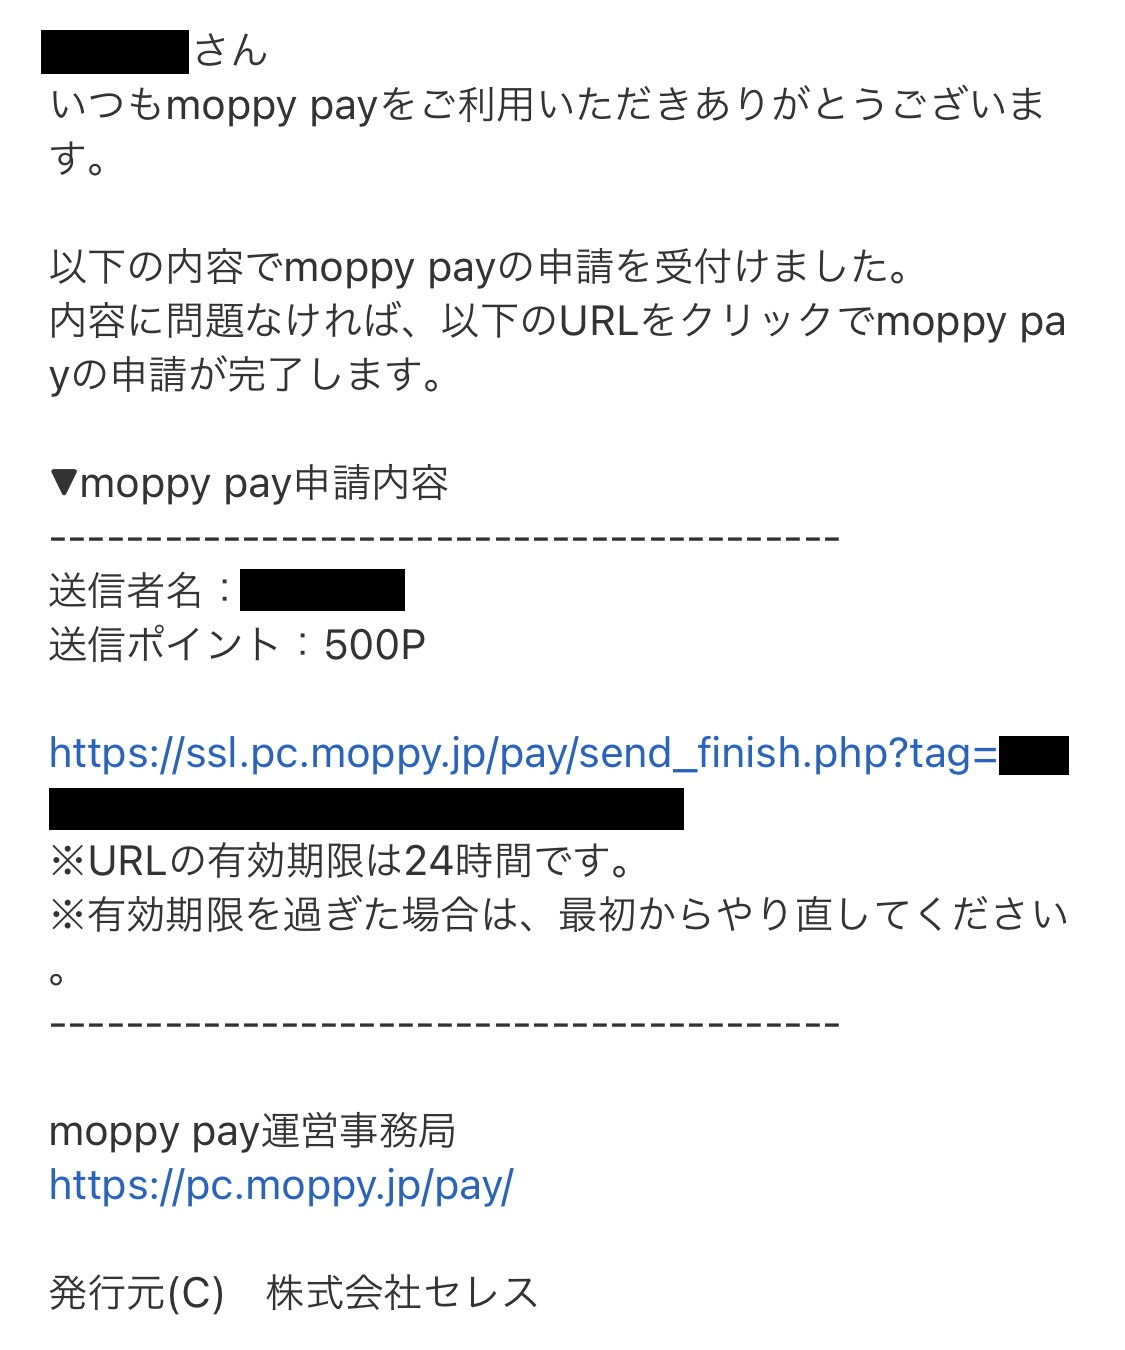 moppy payのリターンメール